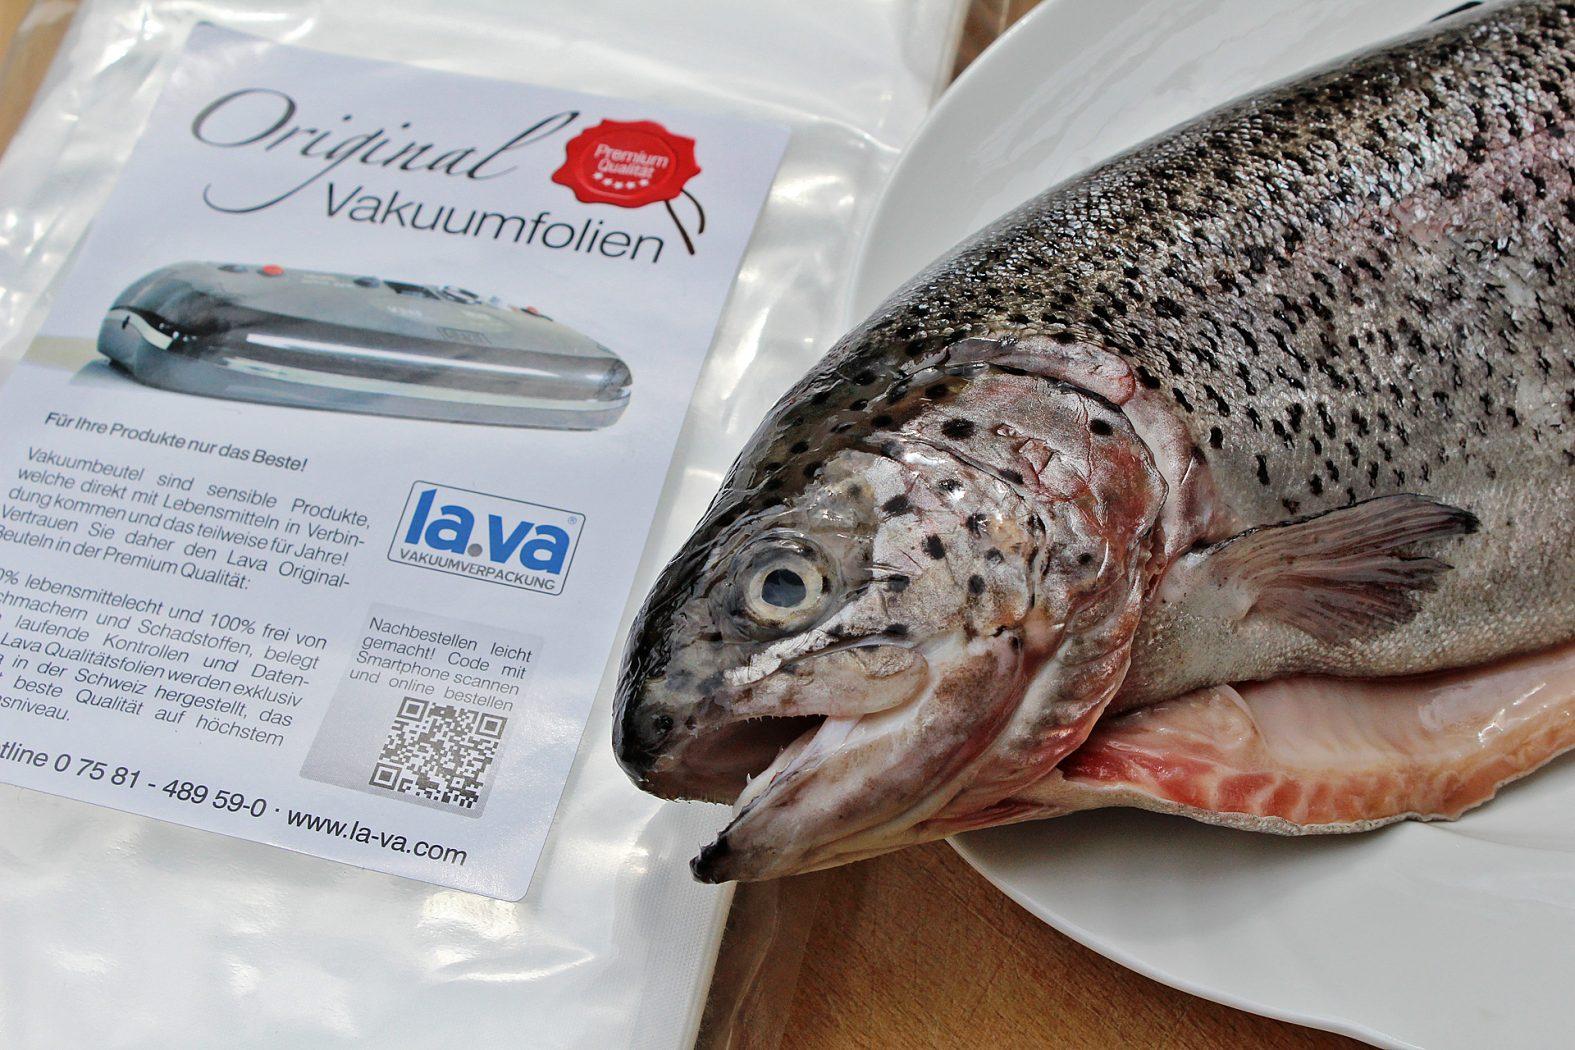 Fisch richtig vakuumieren